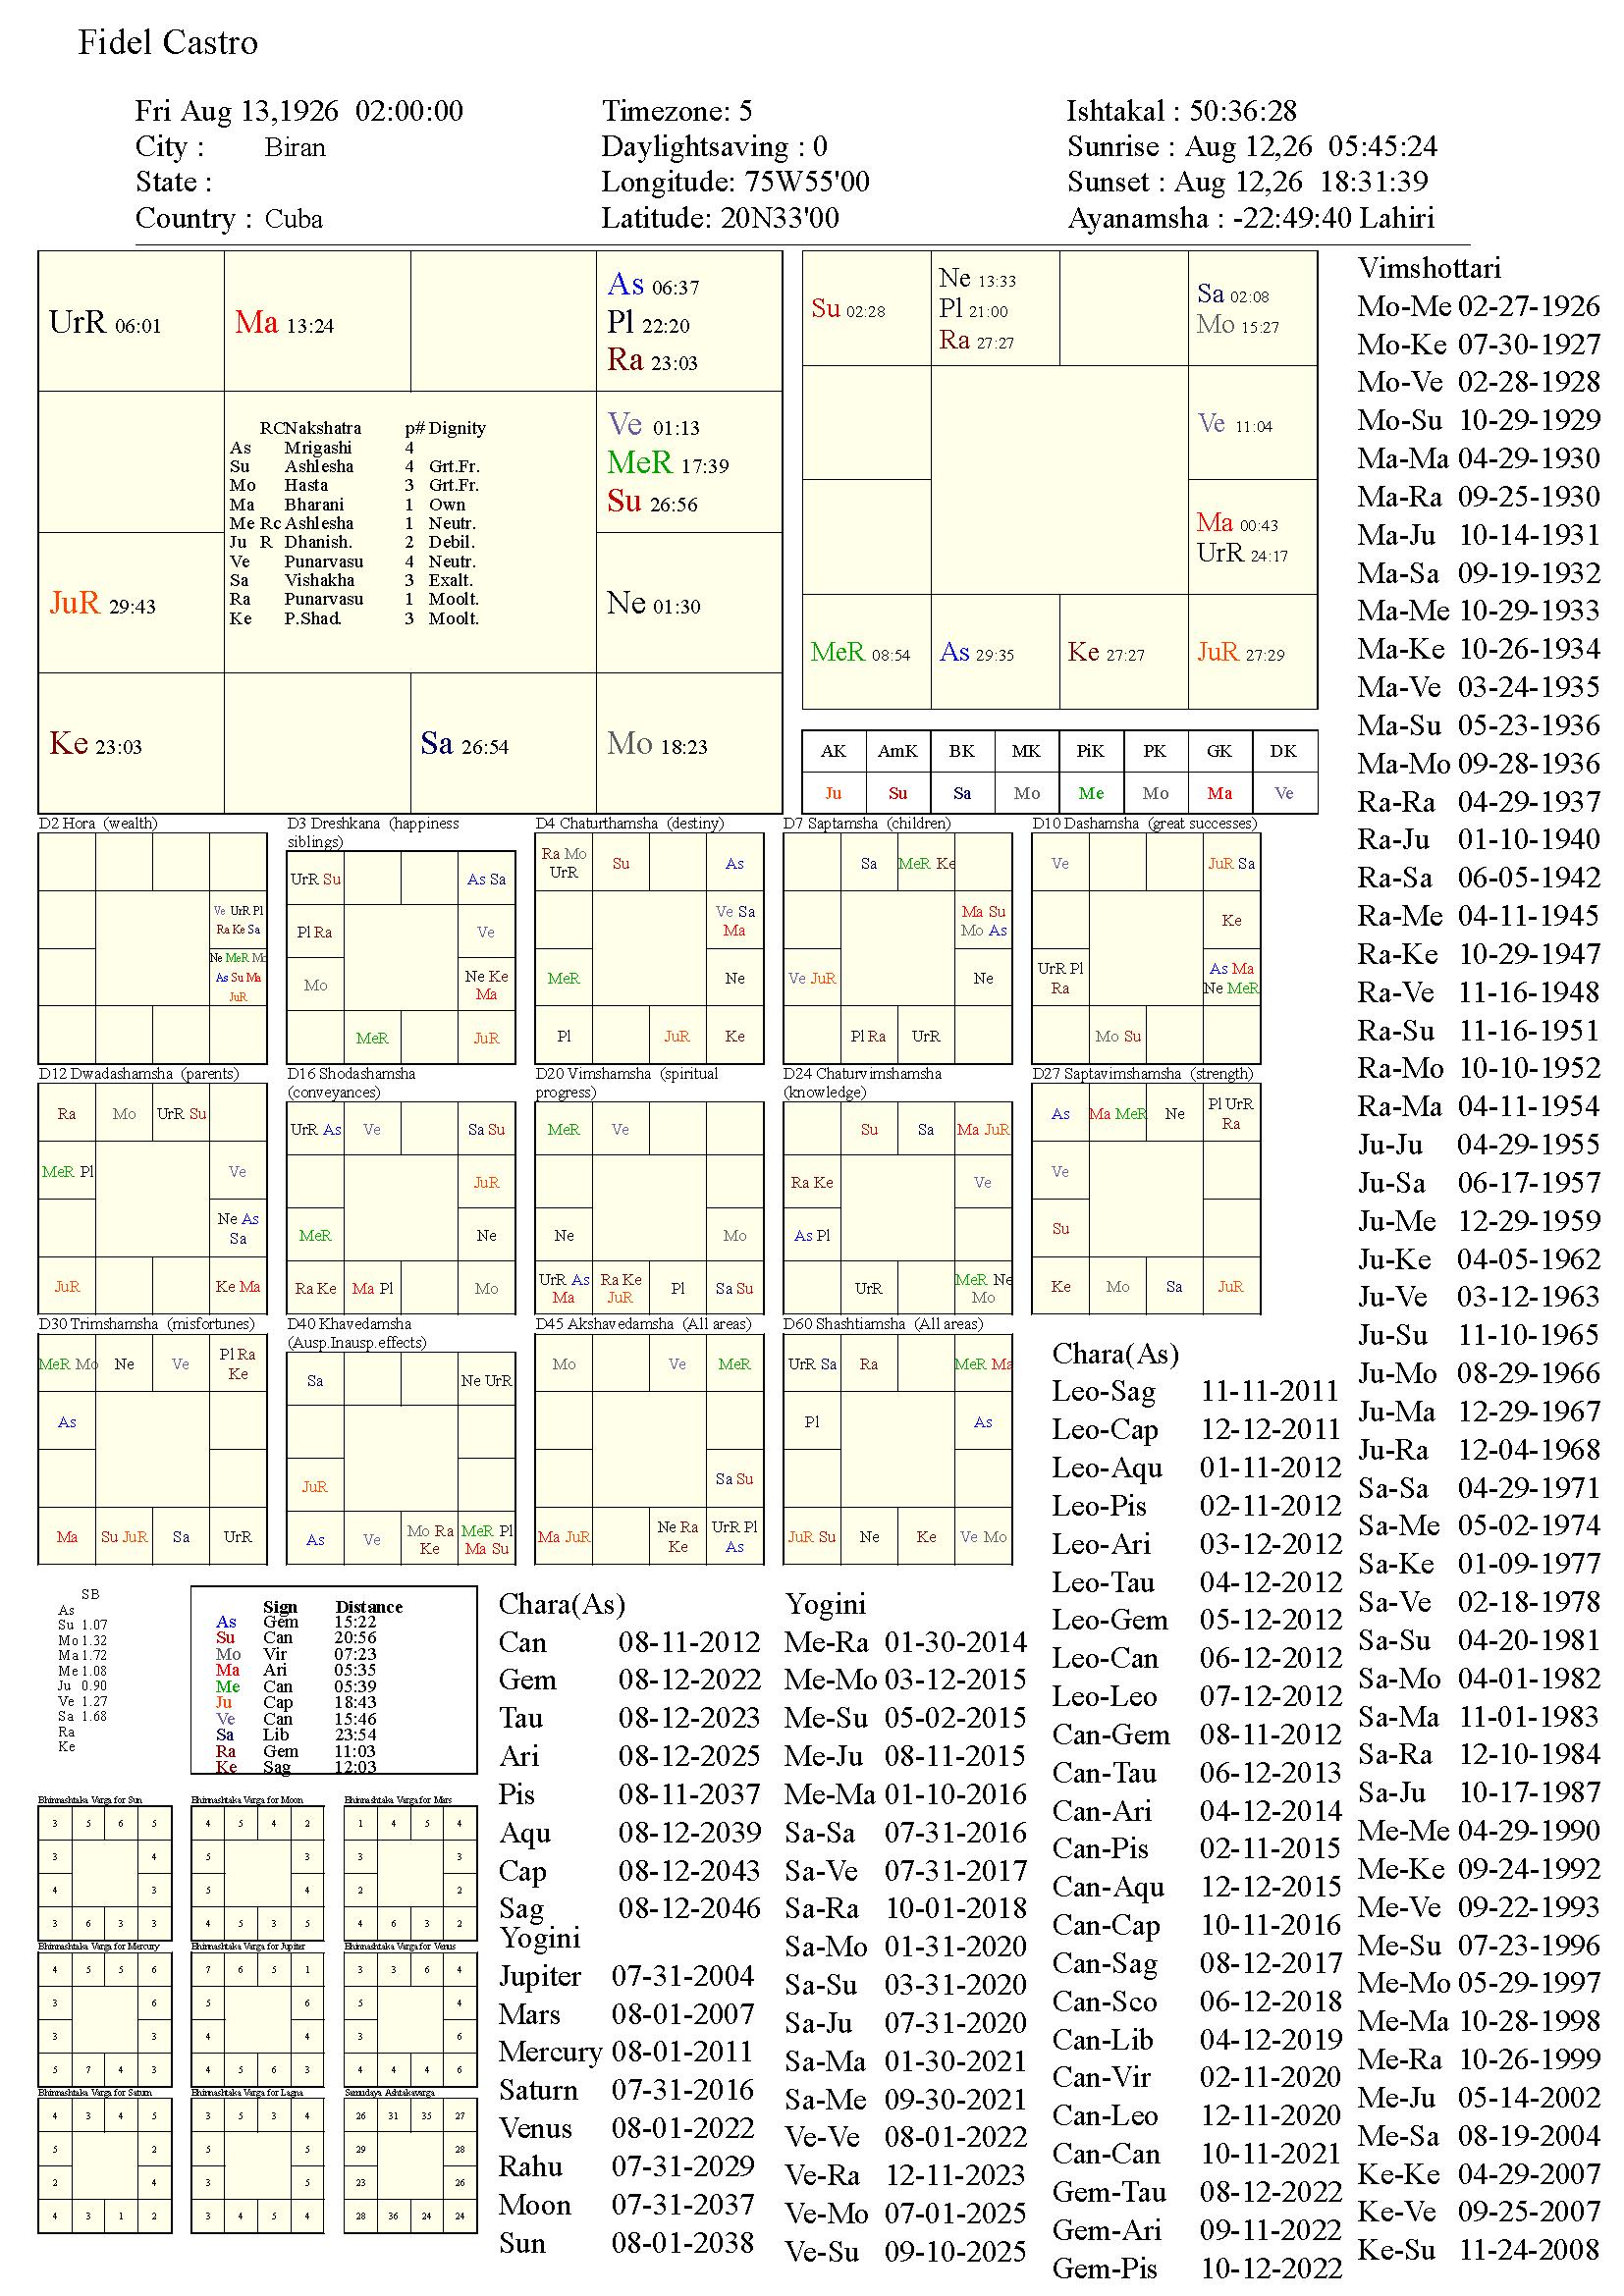 fidelcastro_chart